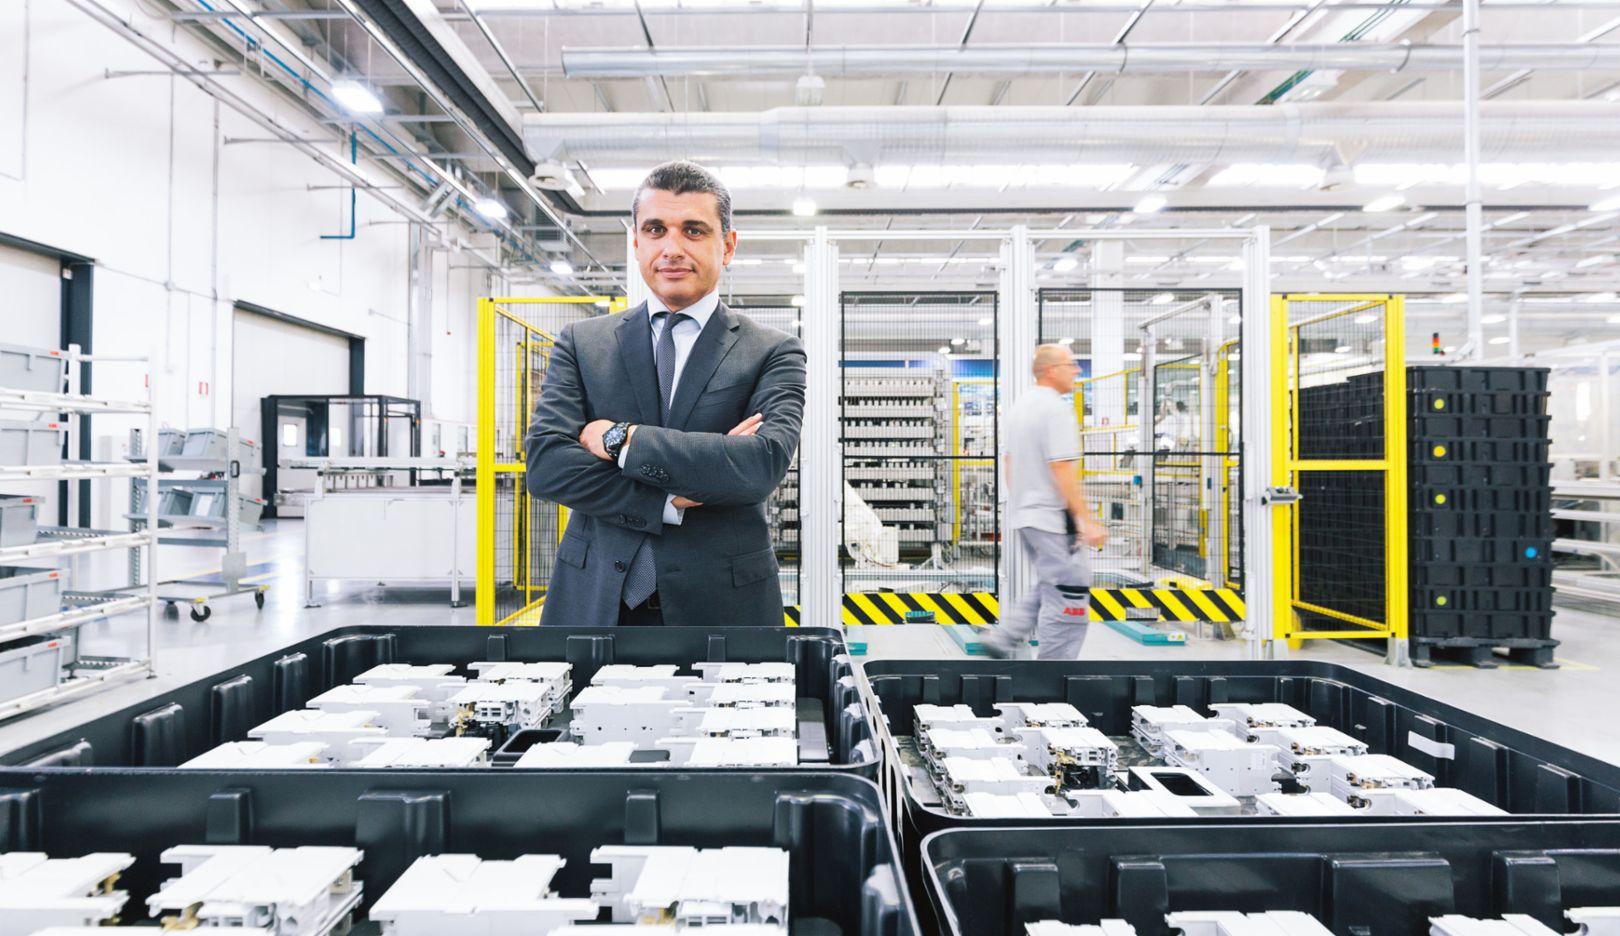 Andrea Menti, Manager ABB, Frosinone, 2016, Porsche Consulting GmbH